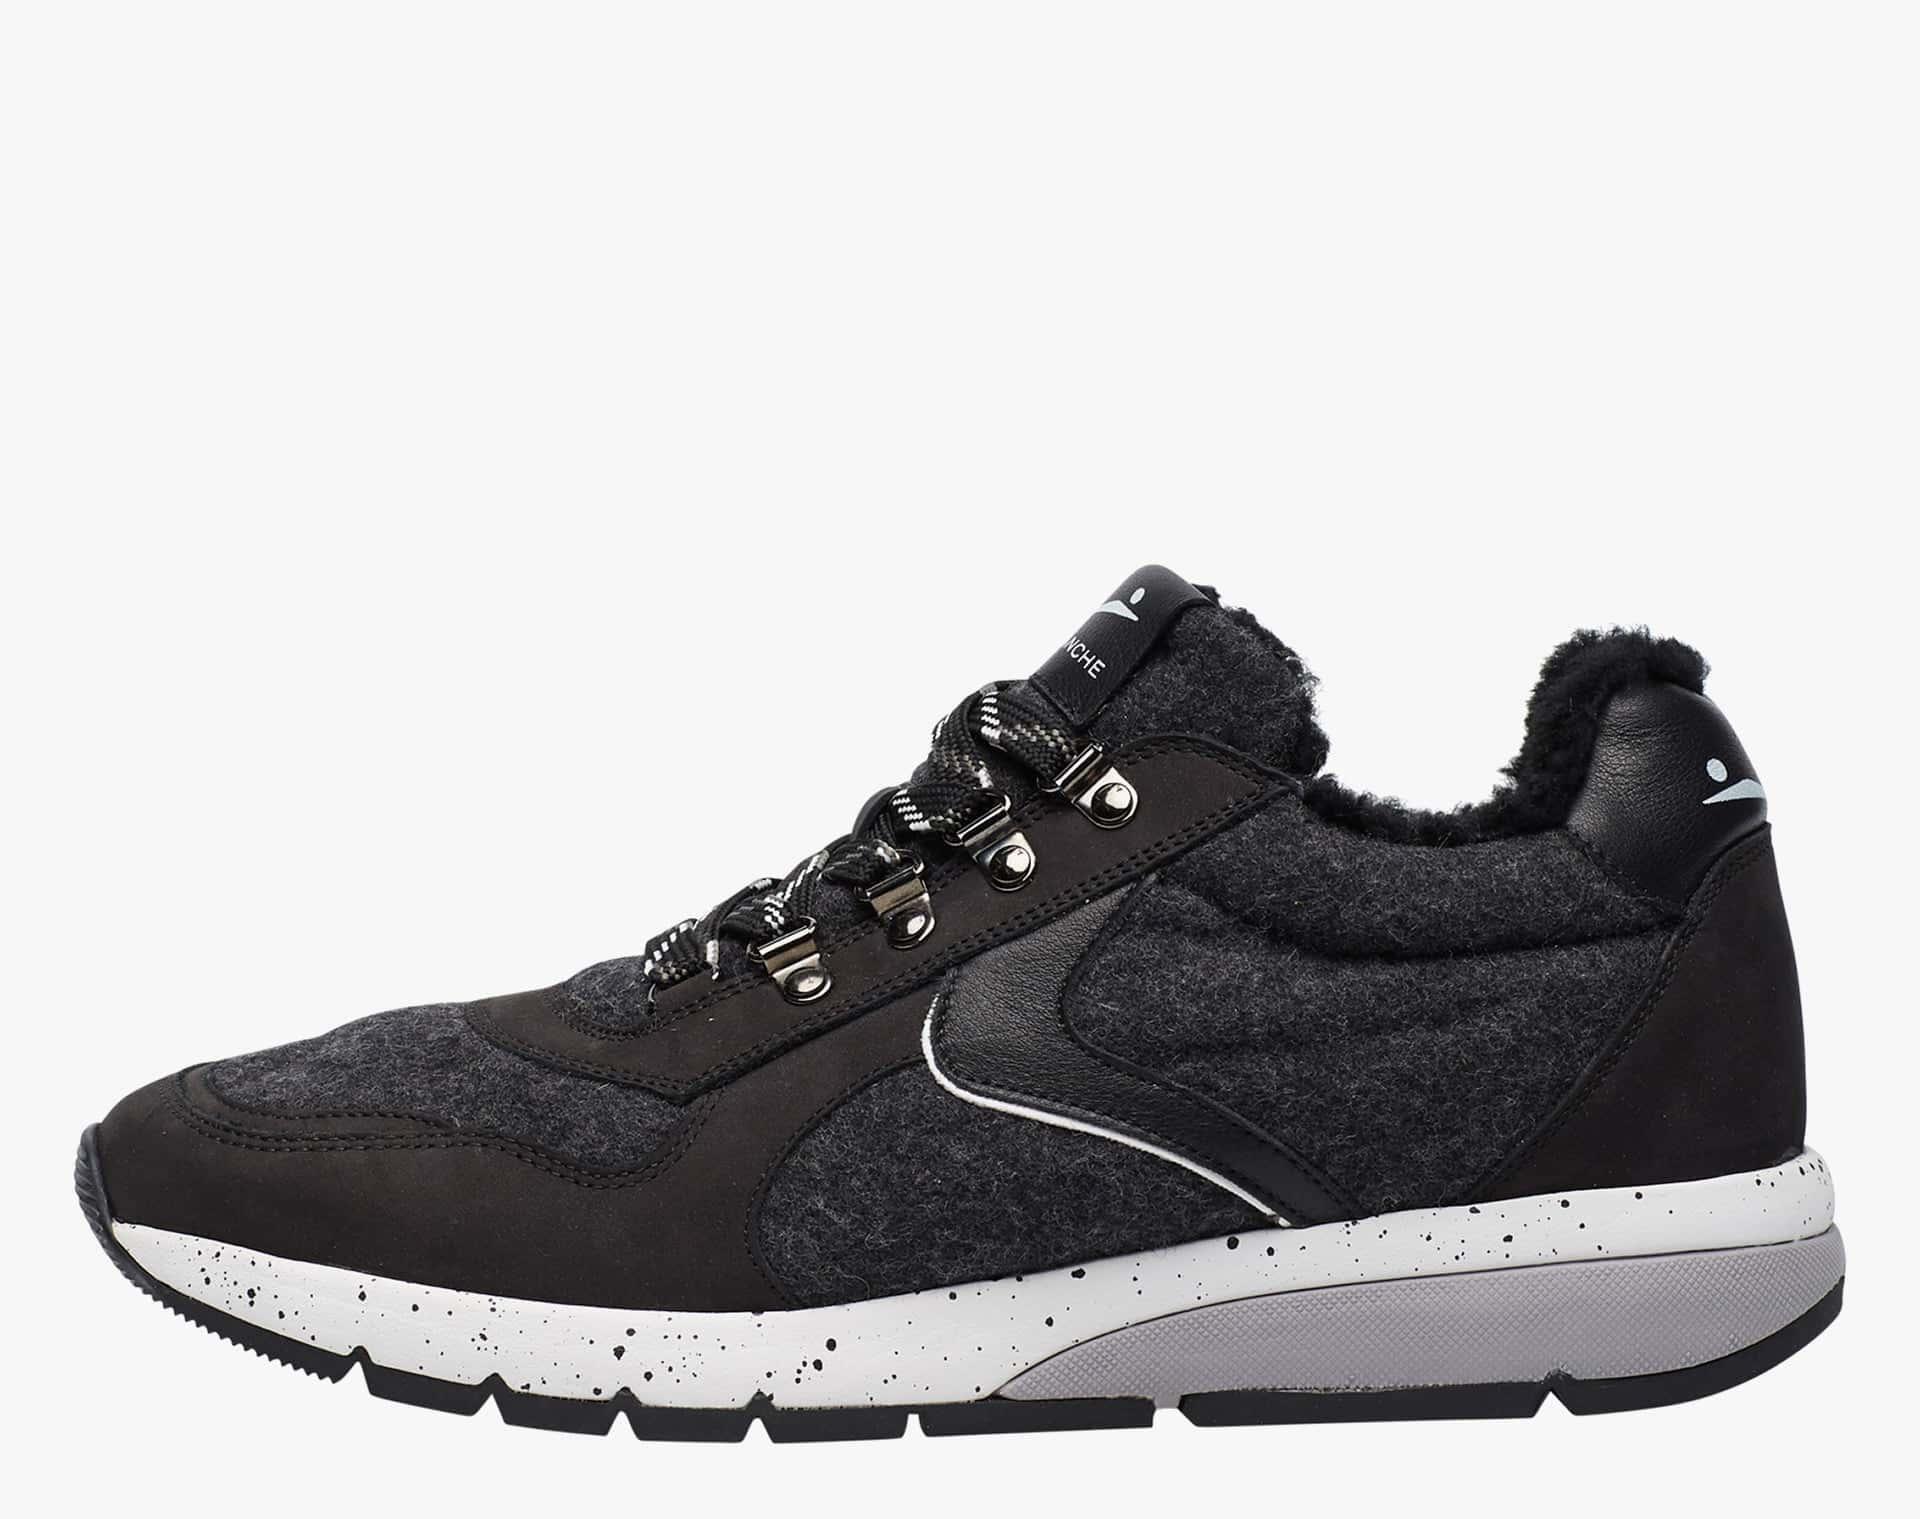 NEW LENNY HOOK FUR - Sneaker con dettagli trek - Nero/Antracite